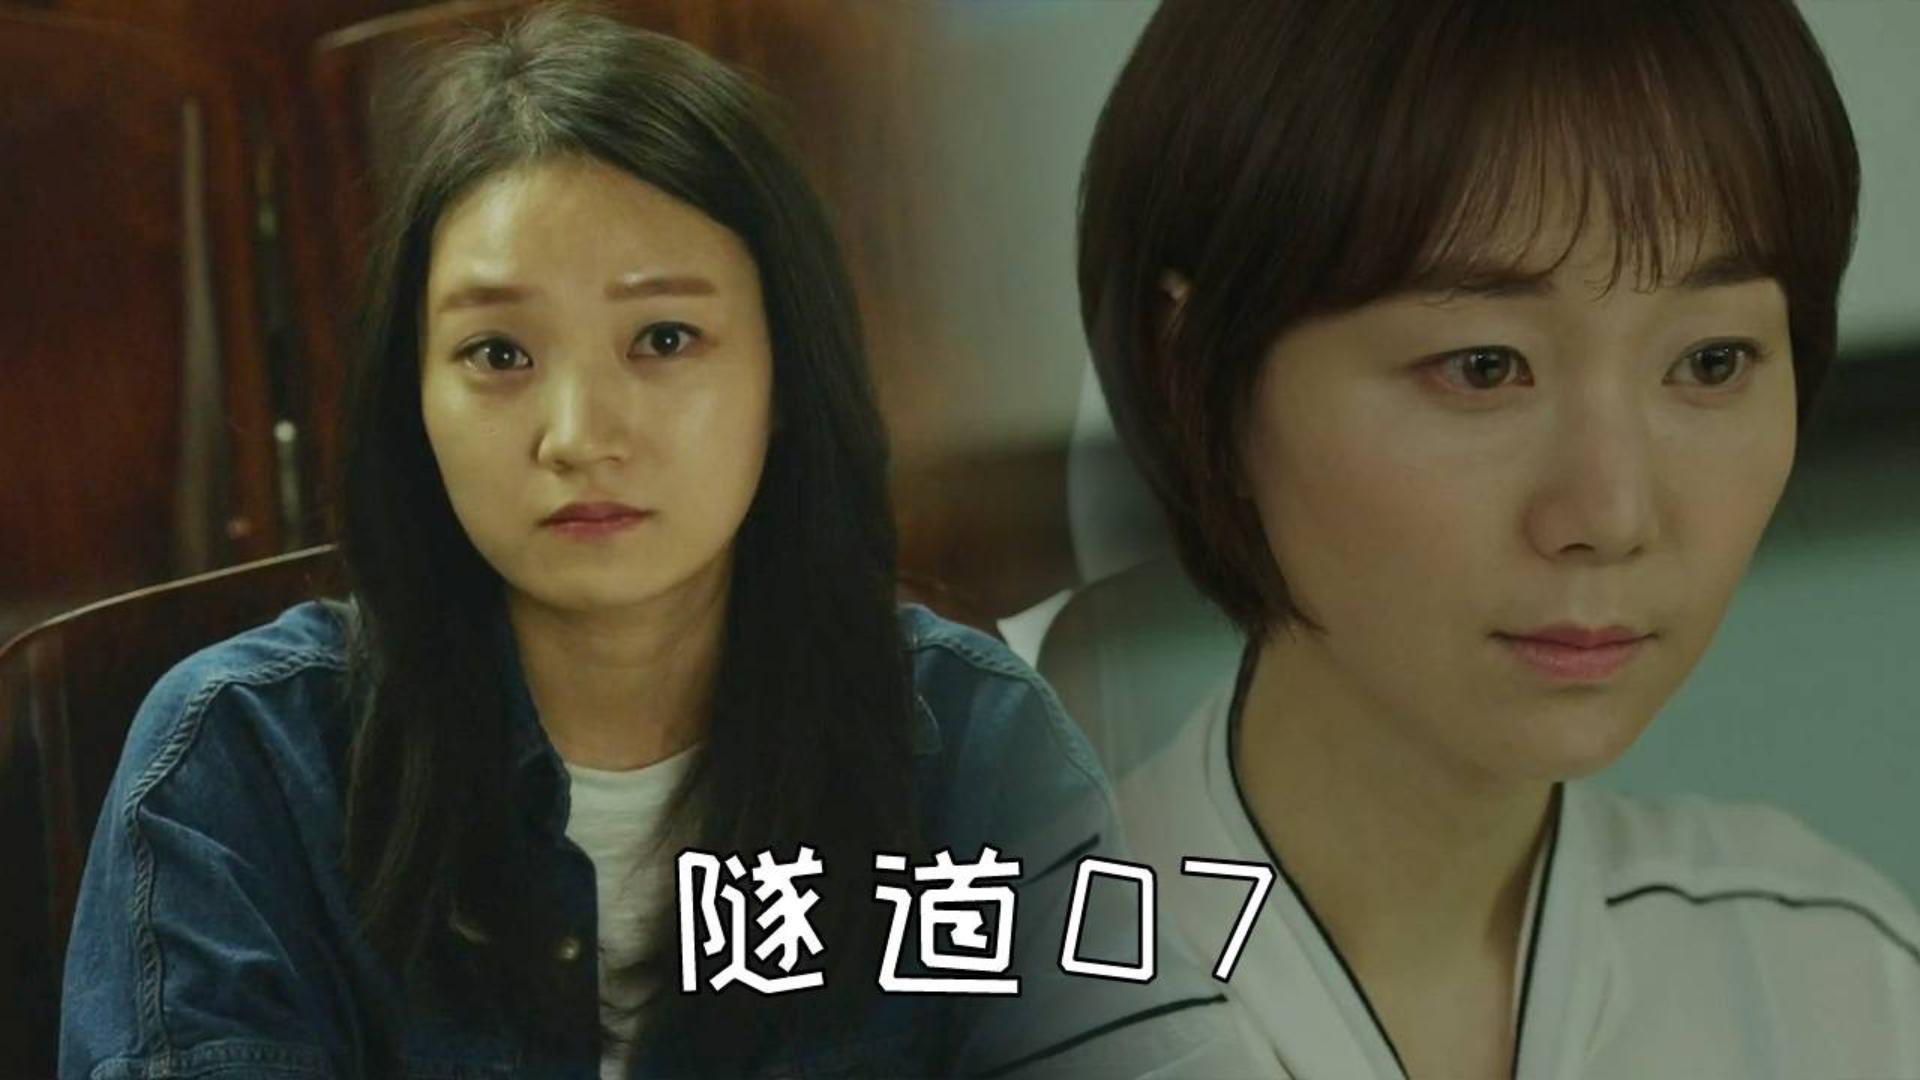 韩剧《隧道》:犯罪心理课上,女孩选择用丝袜杀人被评为A!